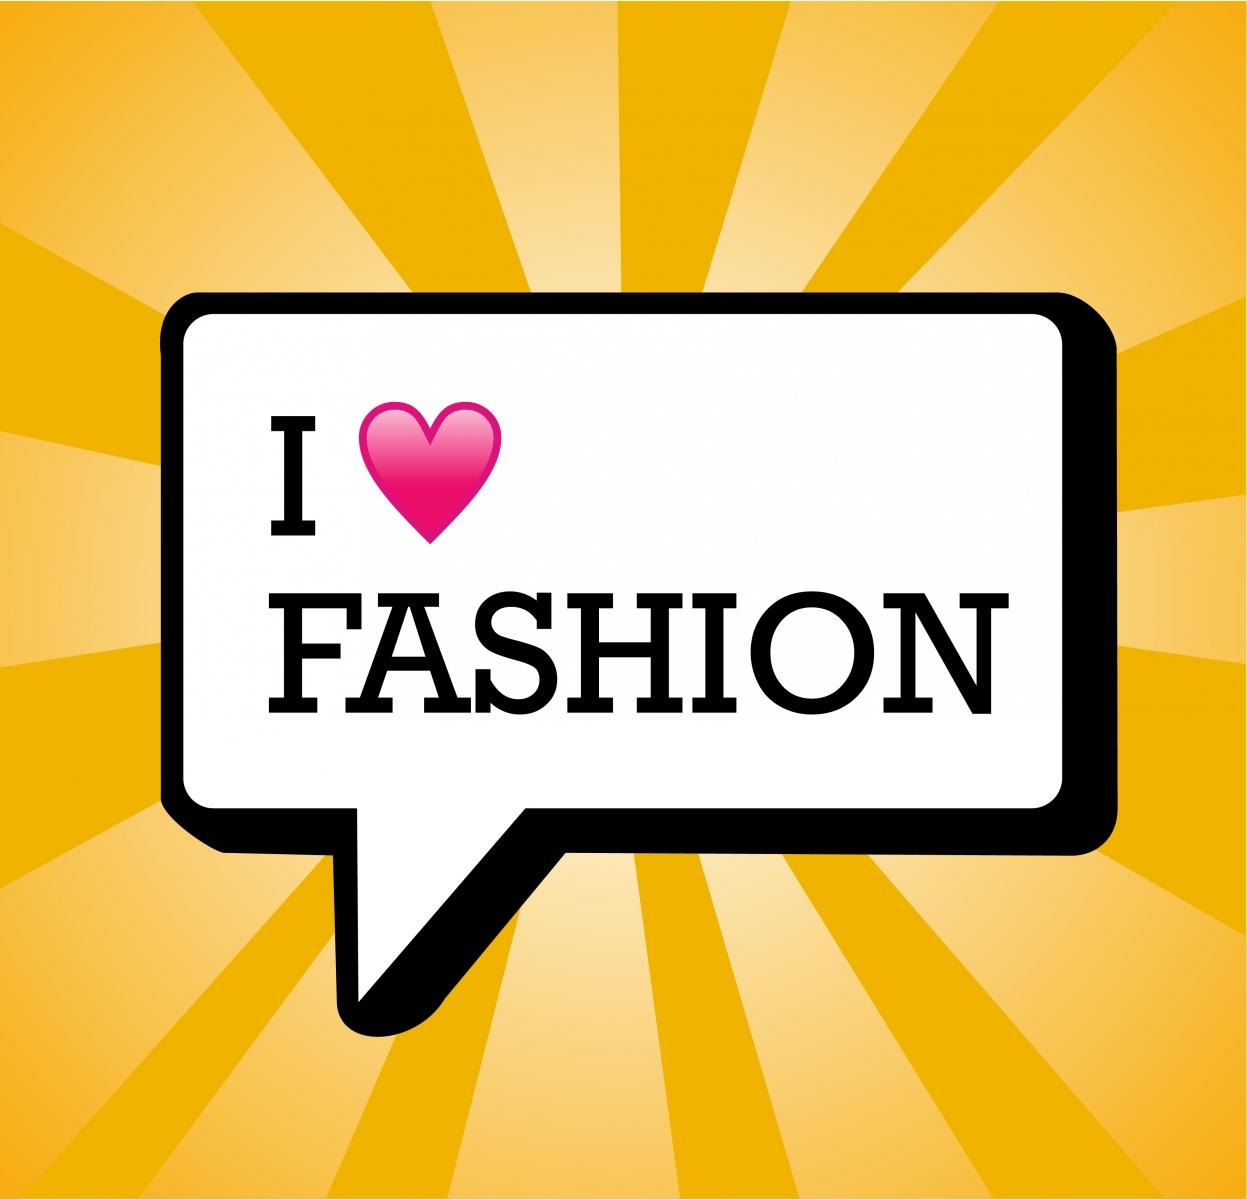 3209841-i-love-fashion-background-illustration